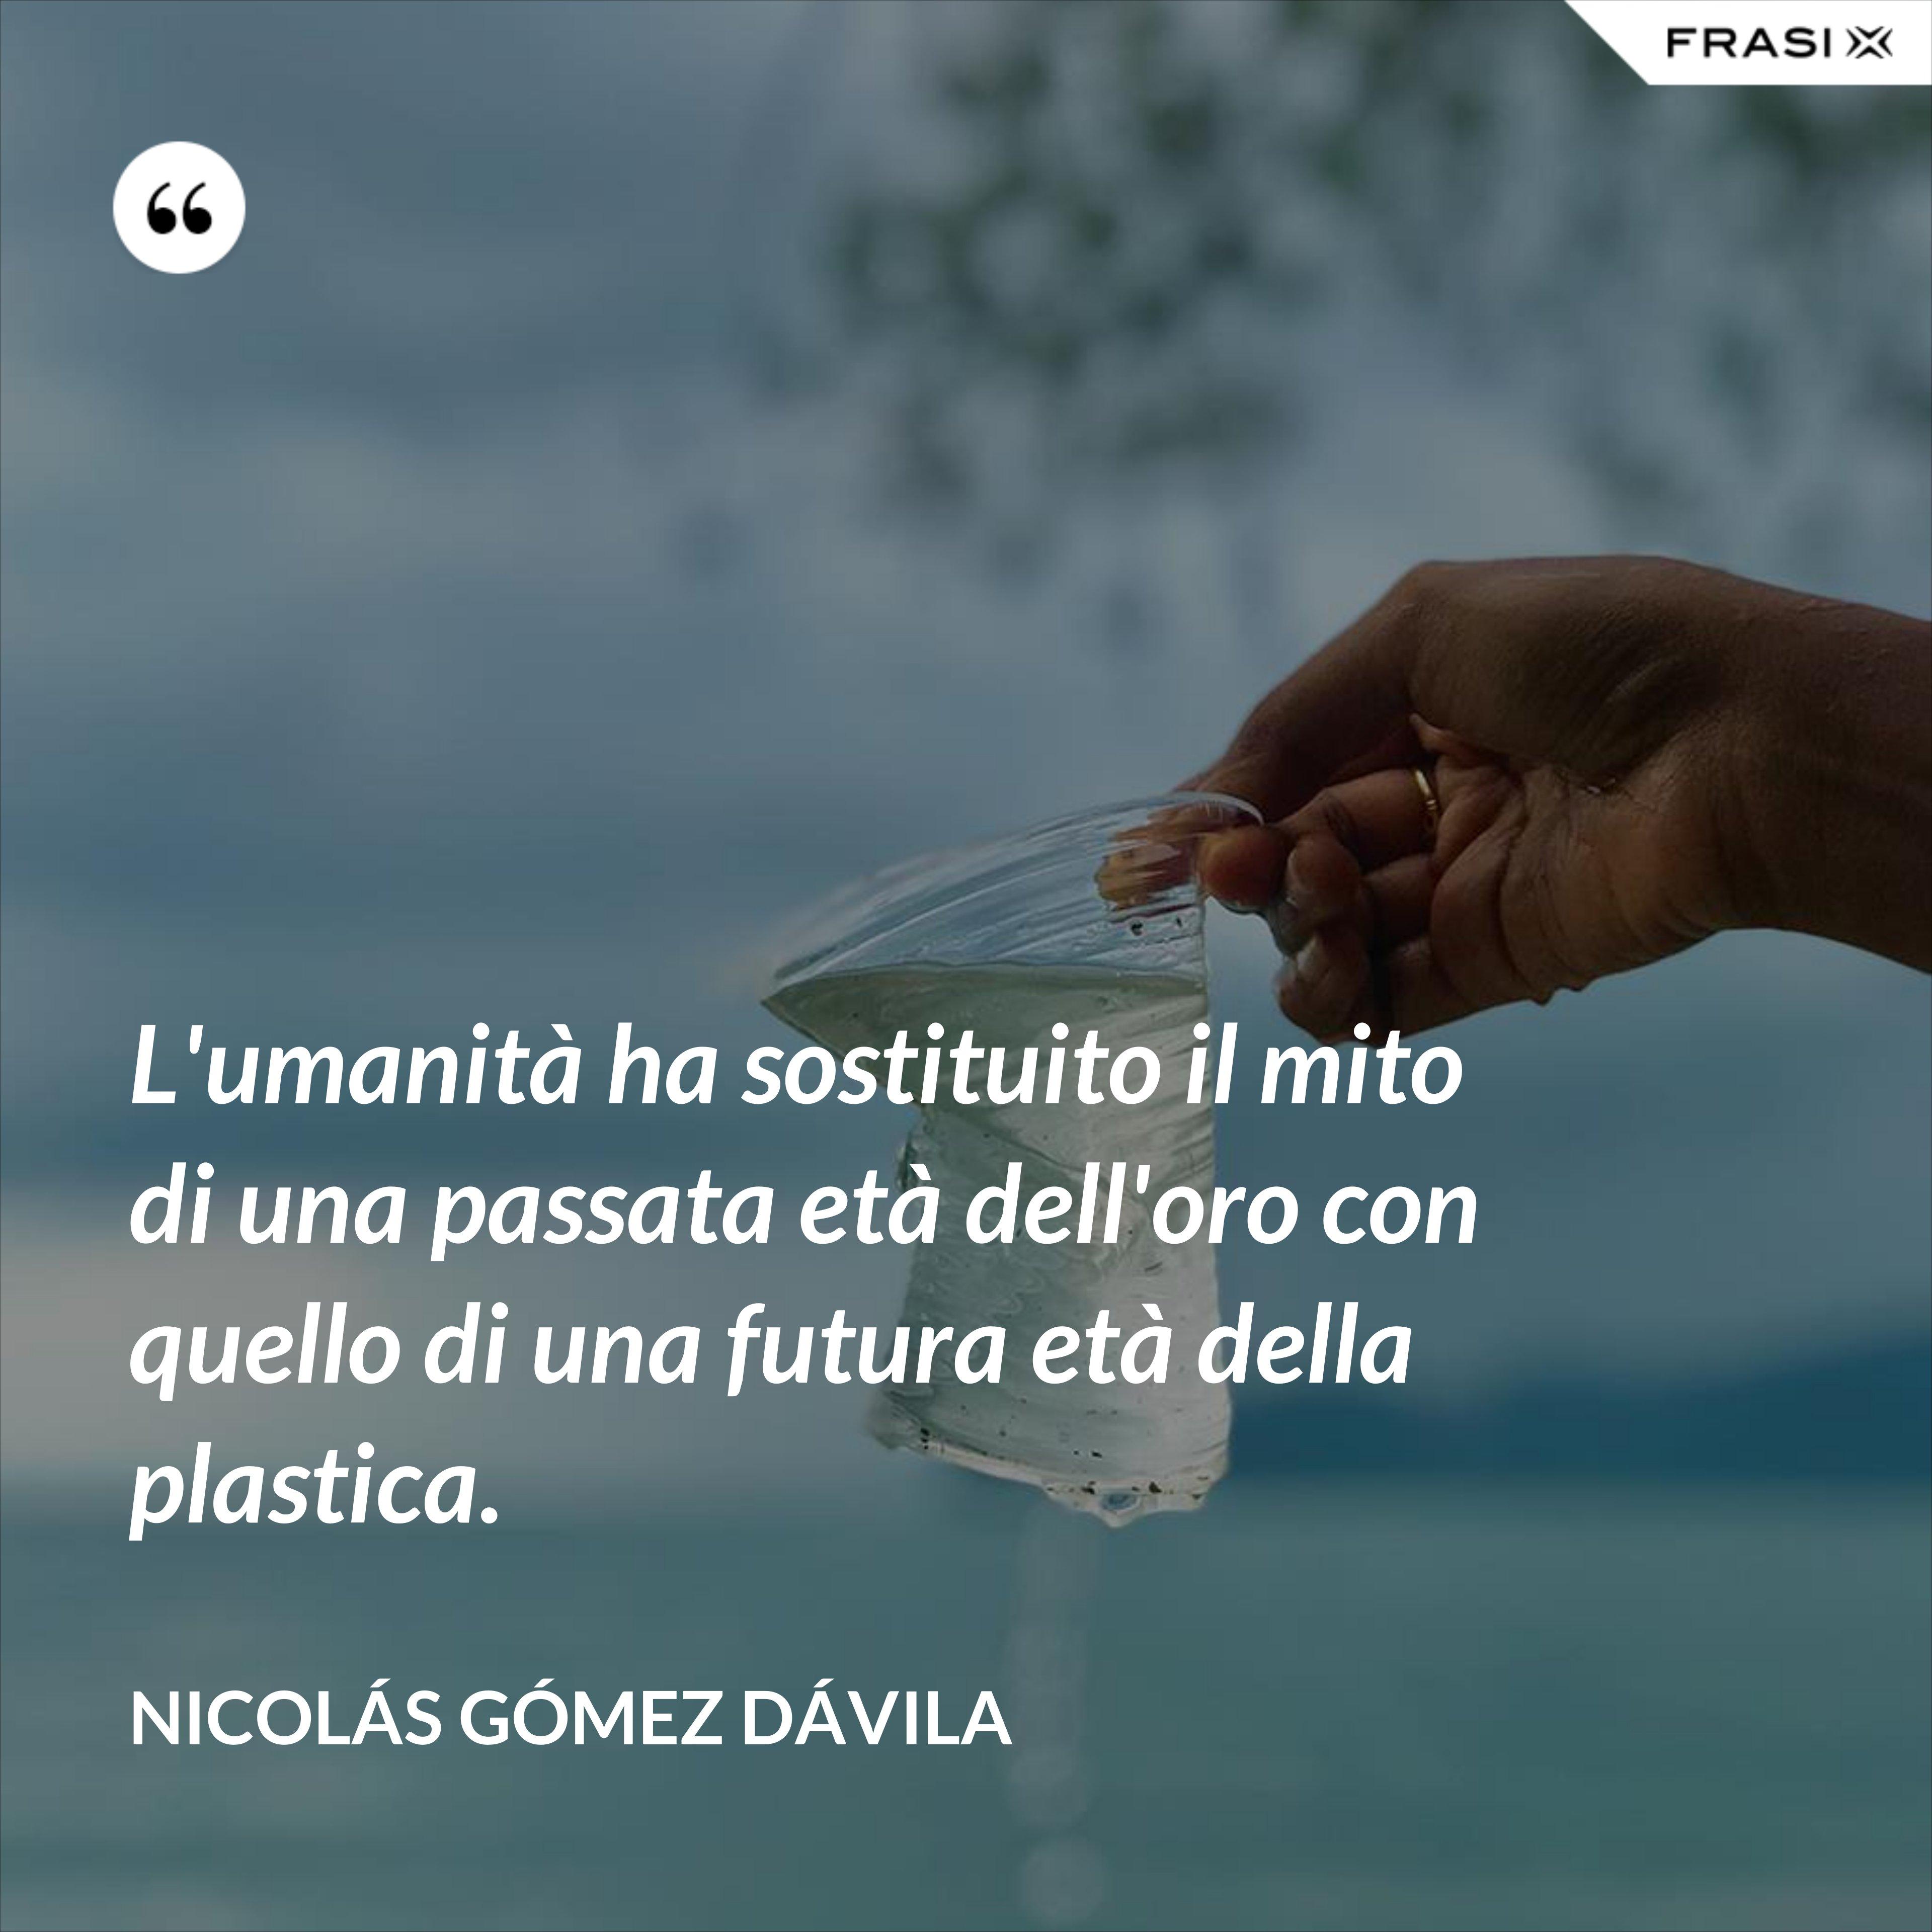 L'umanità ha sostituito il mito di una passata età dell'oro con quello di una futura età della plastica. - Nicolás Gómez Dávila